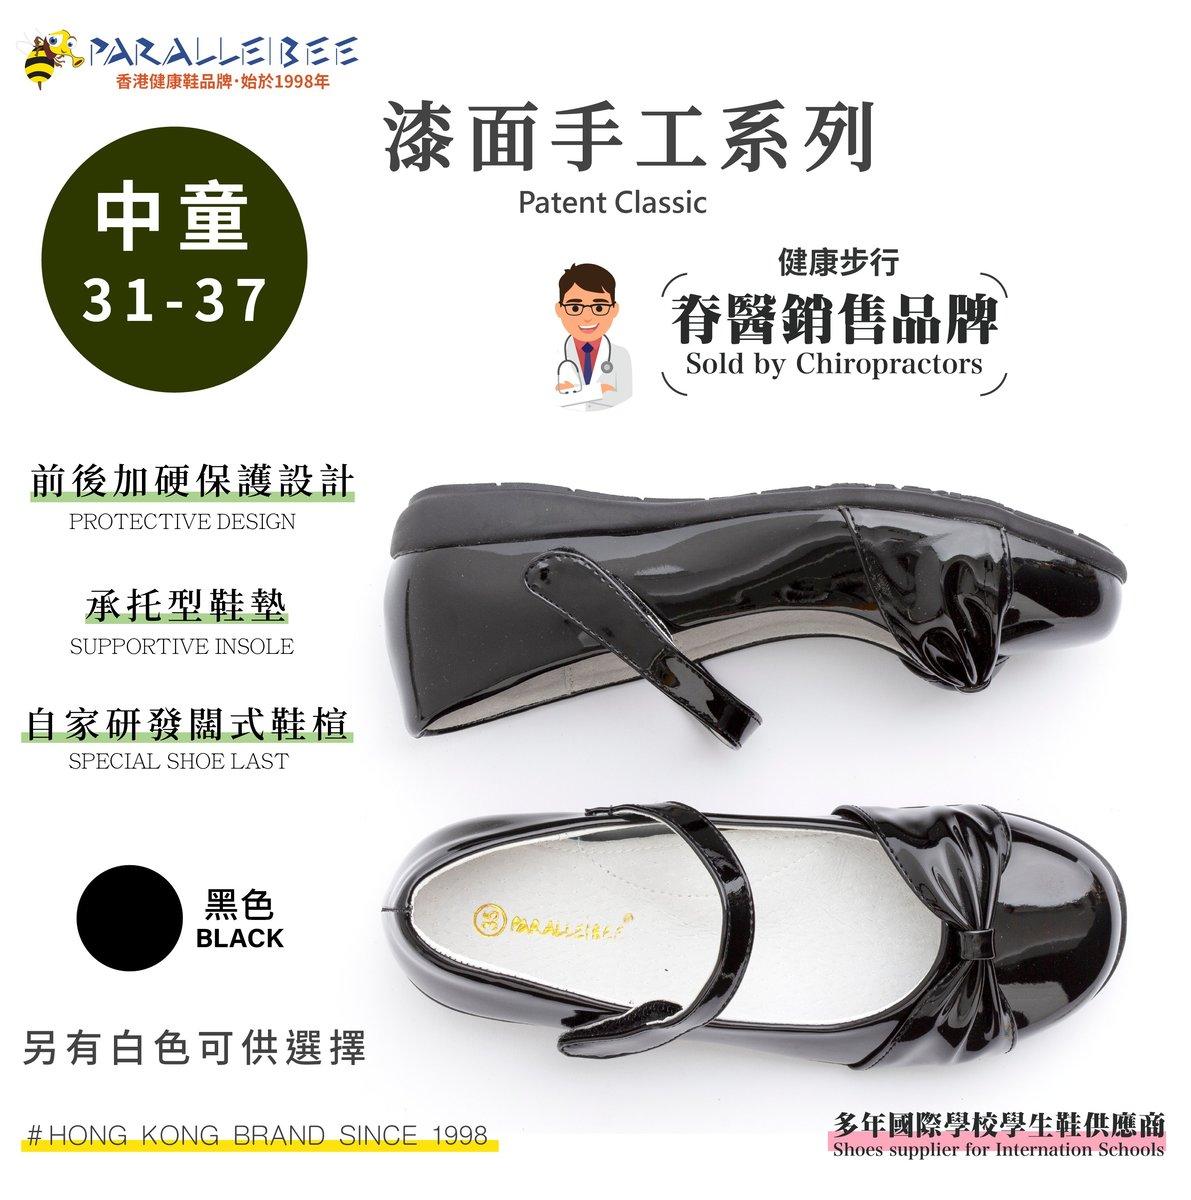 女童漆面學生鞋 黑色 (B1547A) 31號|手工鞋|黑皮鞋|健康鞋|童鞋